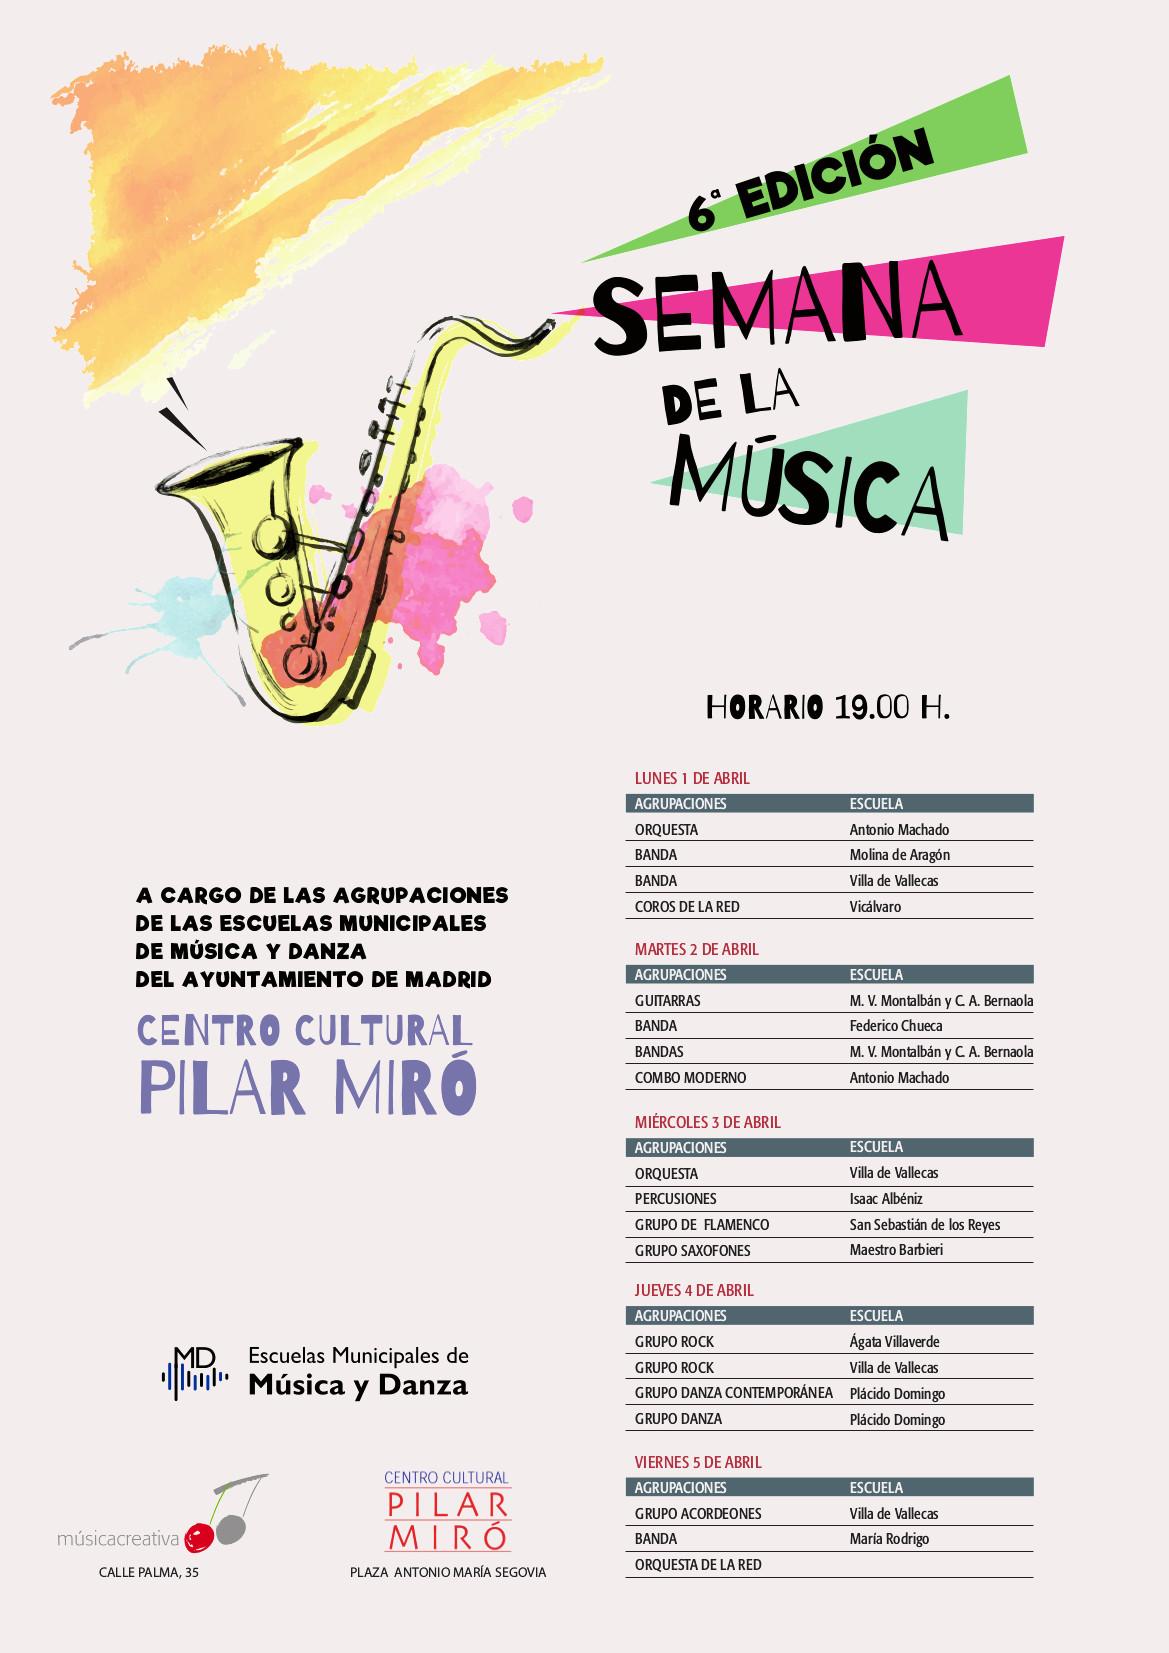 Semana de la muìsica Pilar Miro Vallecas